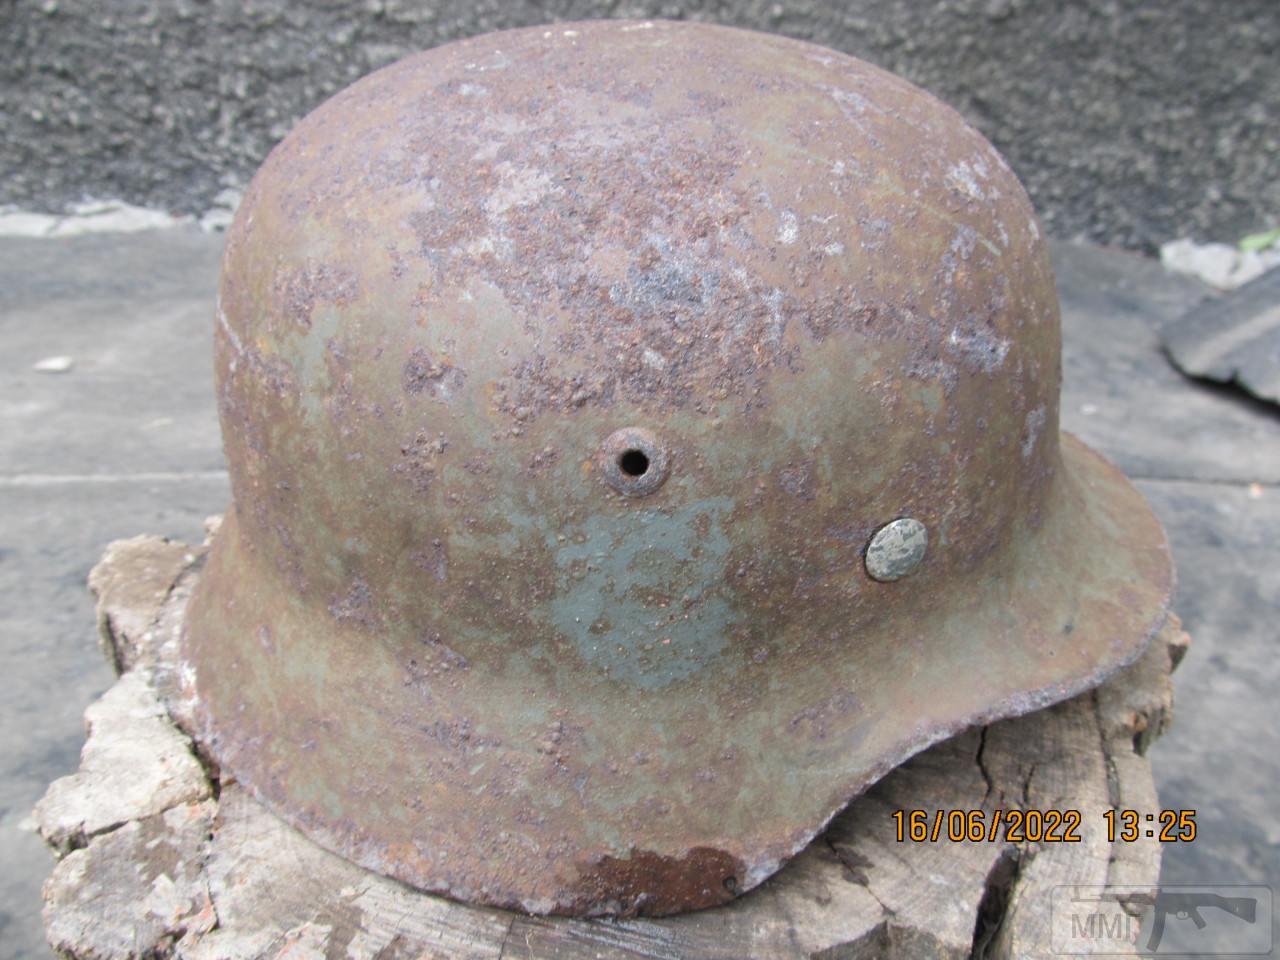 112434 - Реанімація залізної шапки вермахта М35